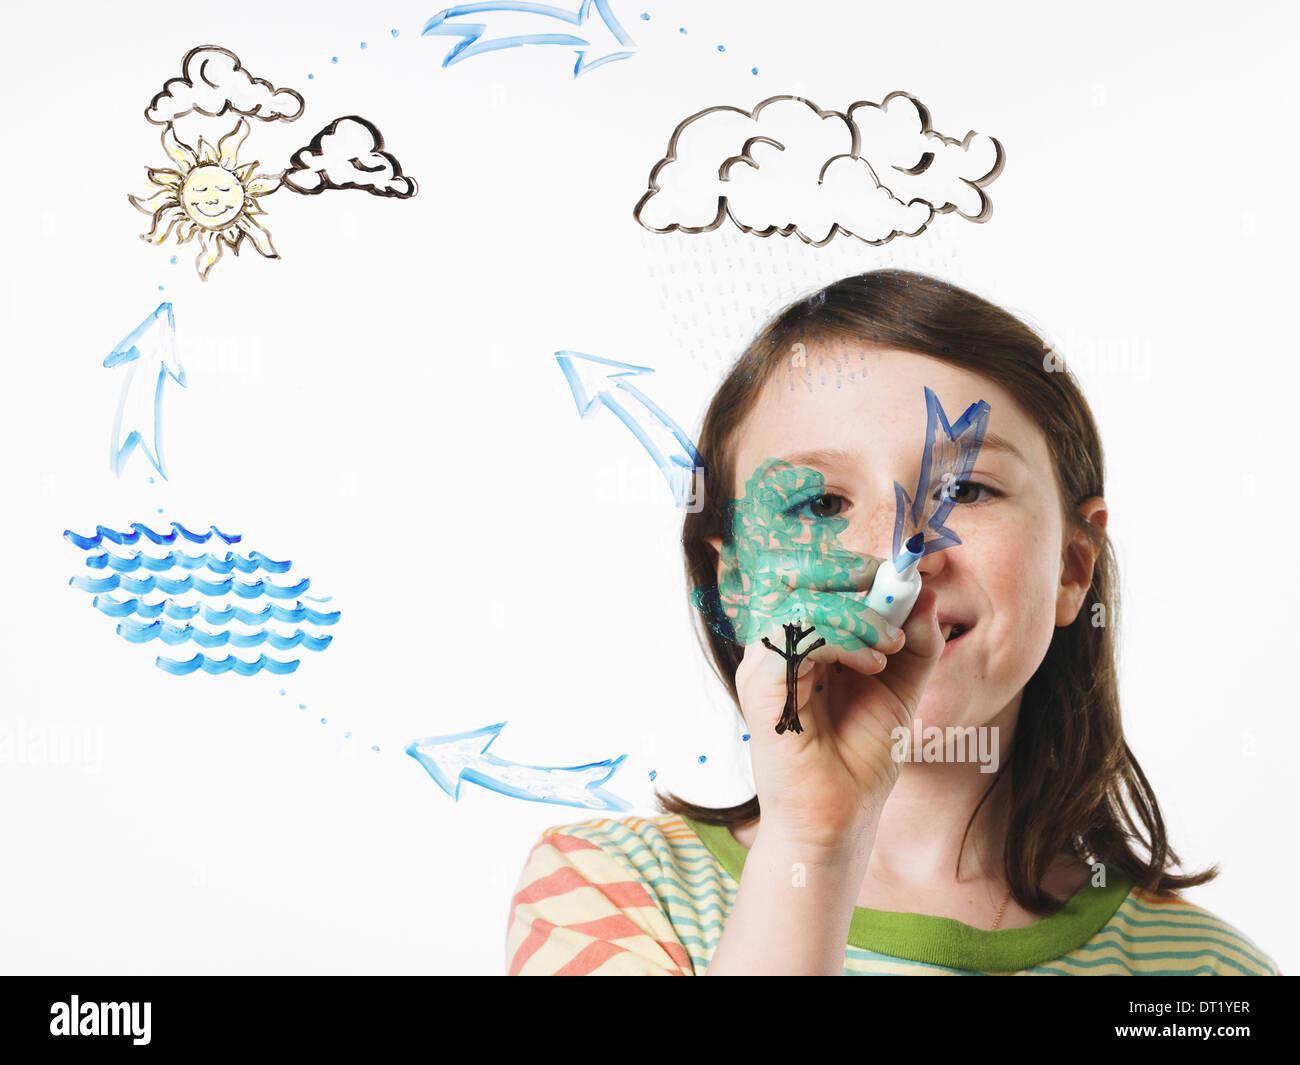 Una giovane ragazza disegno l'acqua ciclo di evaporazione su un chiaro vedere attraverso la superficie con un pennarello indelebile Immagini Stock